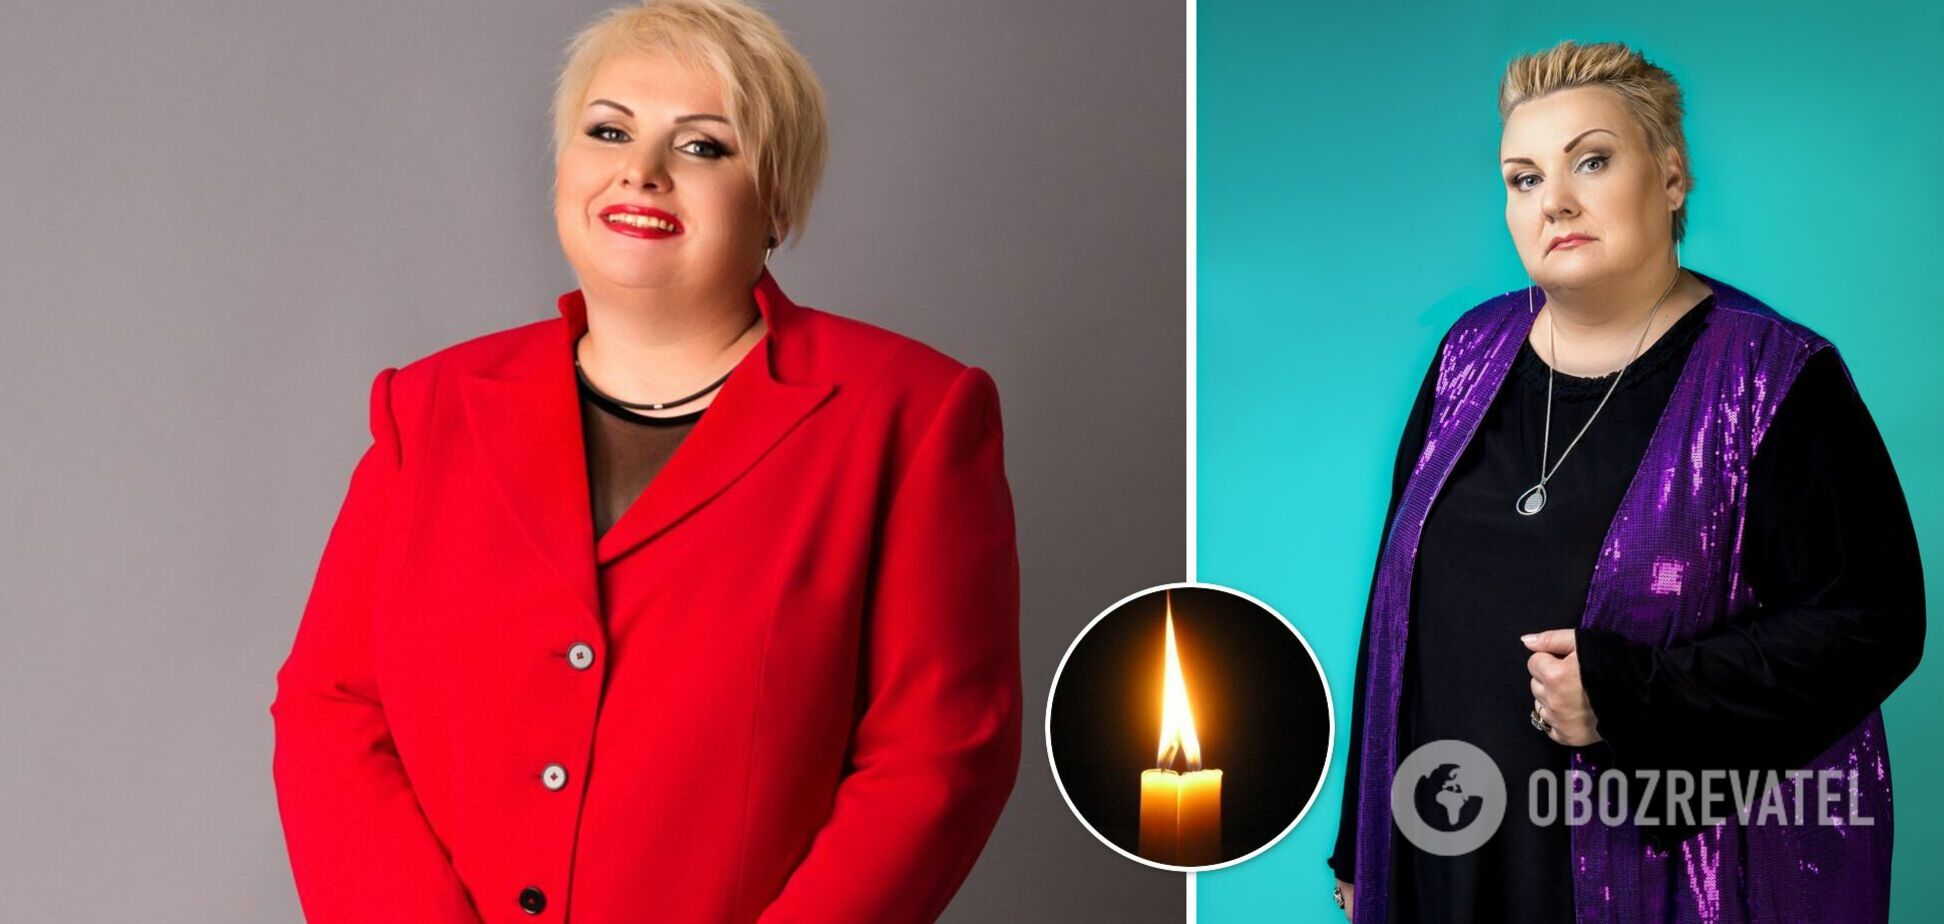 Марина Поплавська померла три роки тому: зірки 'Дизель шоу' показали пам'ятні фото